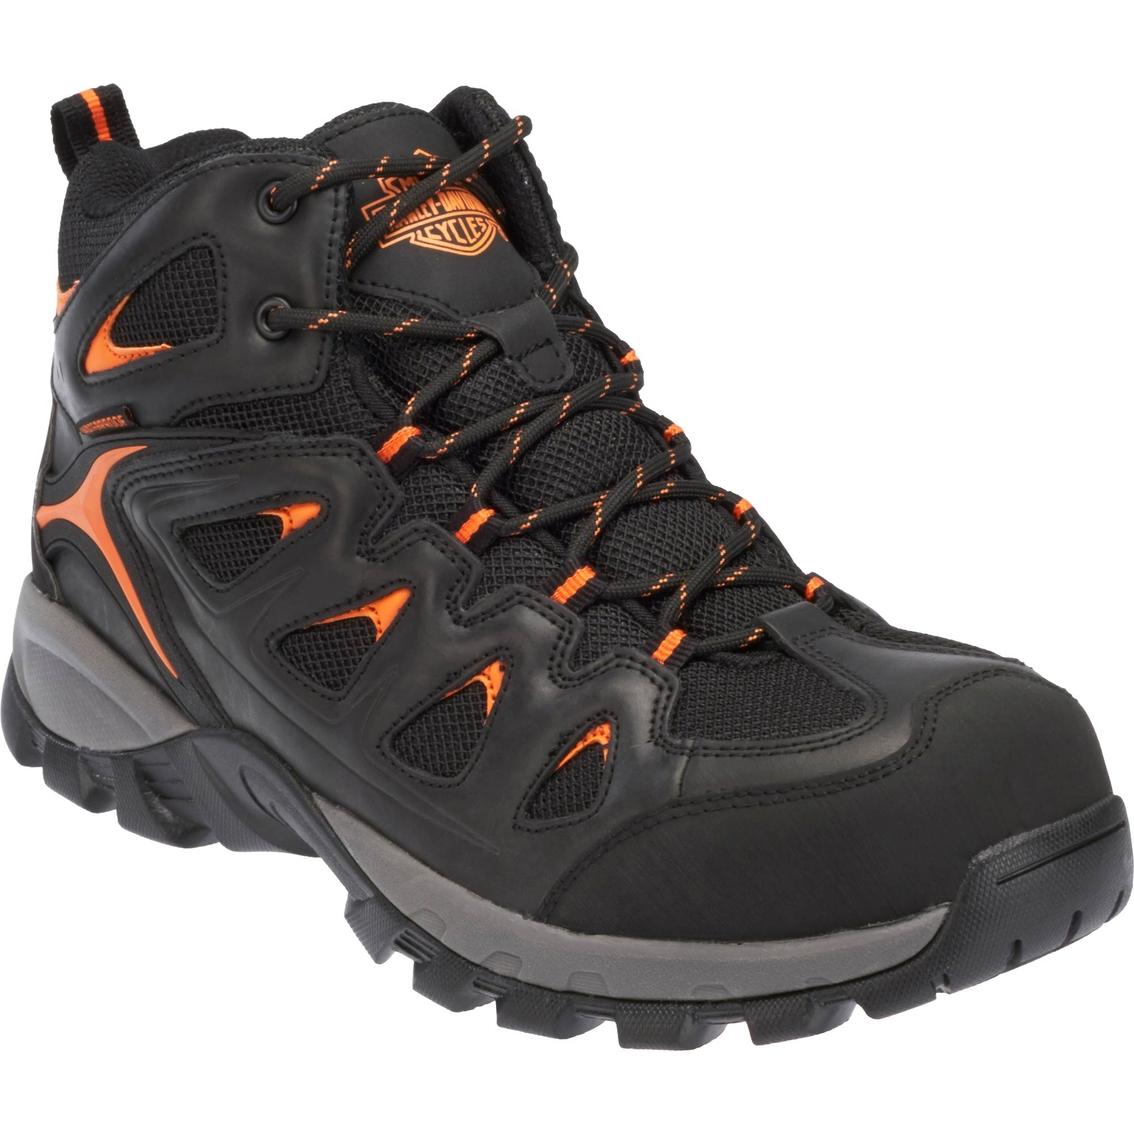 36994cfbe92 Harley Davidson Men s Woodridge Hiker Boots